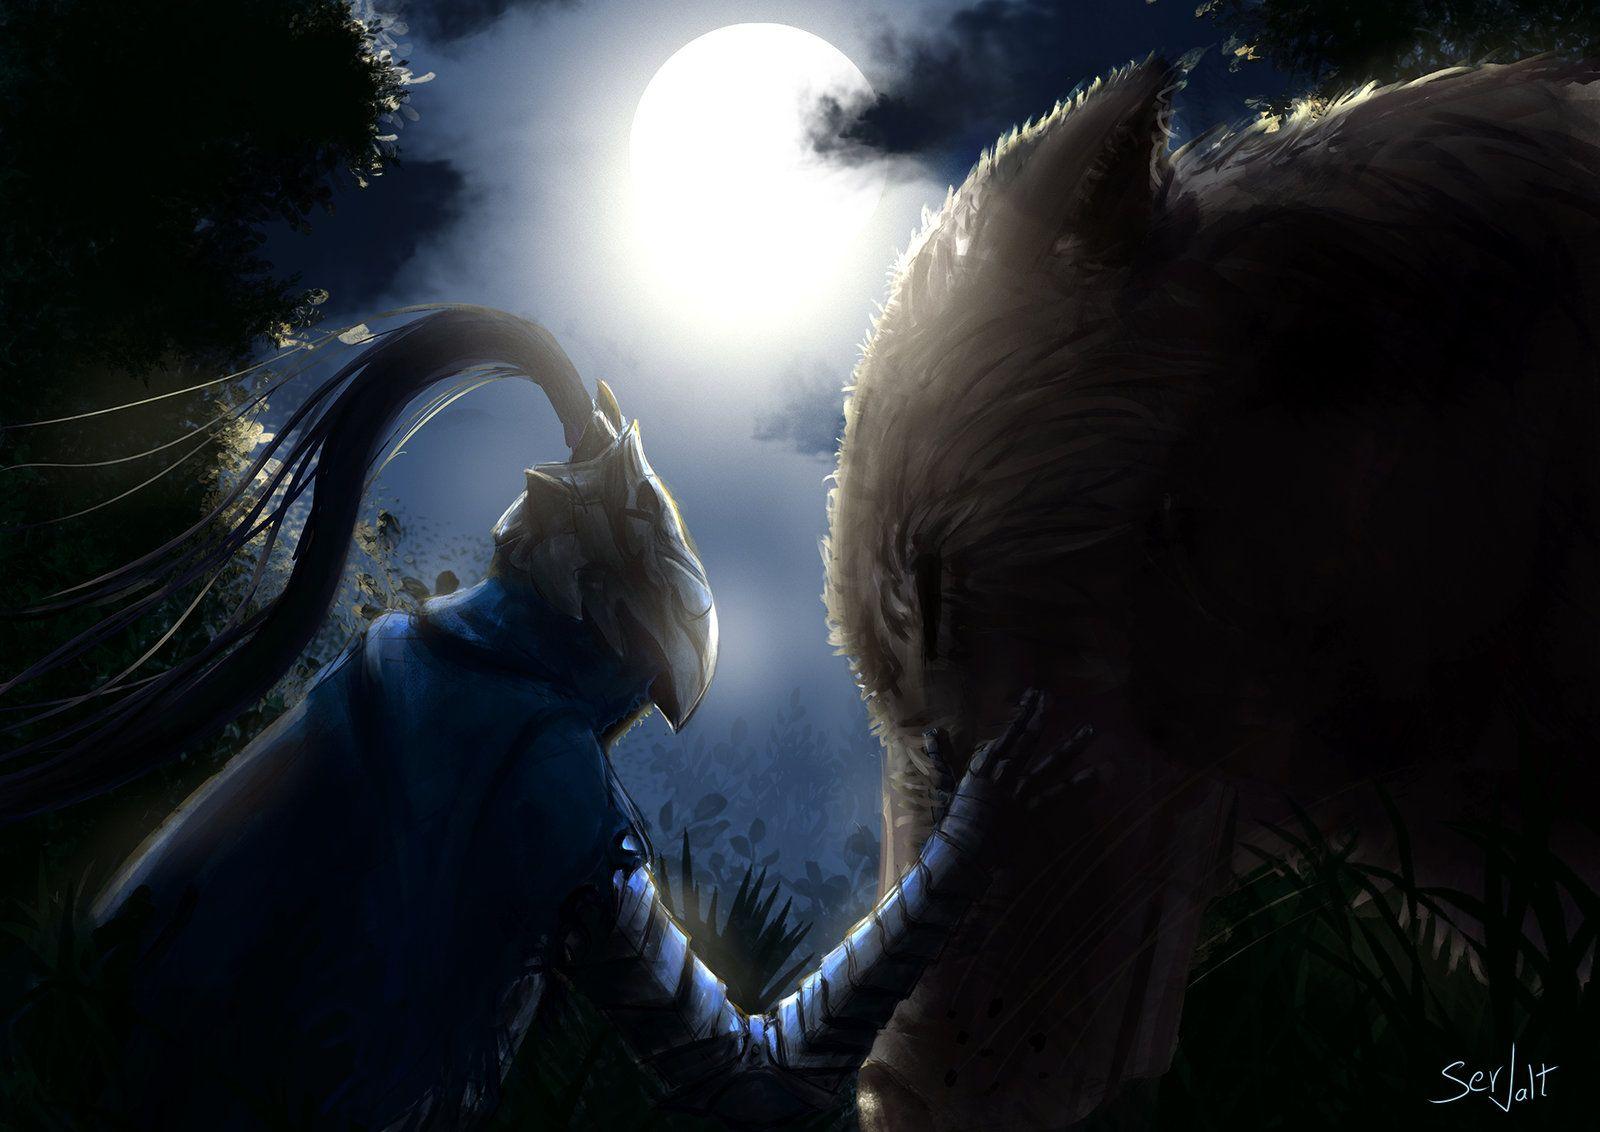 http://www.deviantart.com/art/Artorias-and-sif-457091022